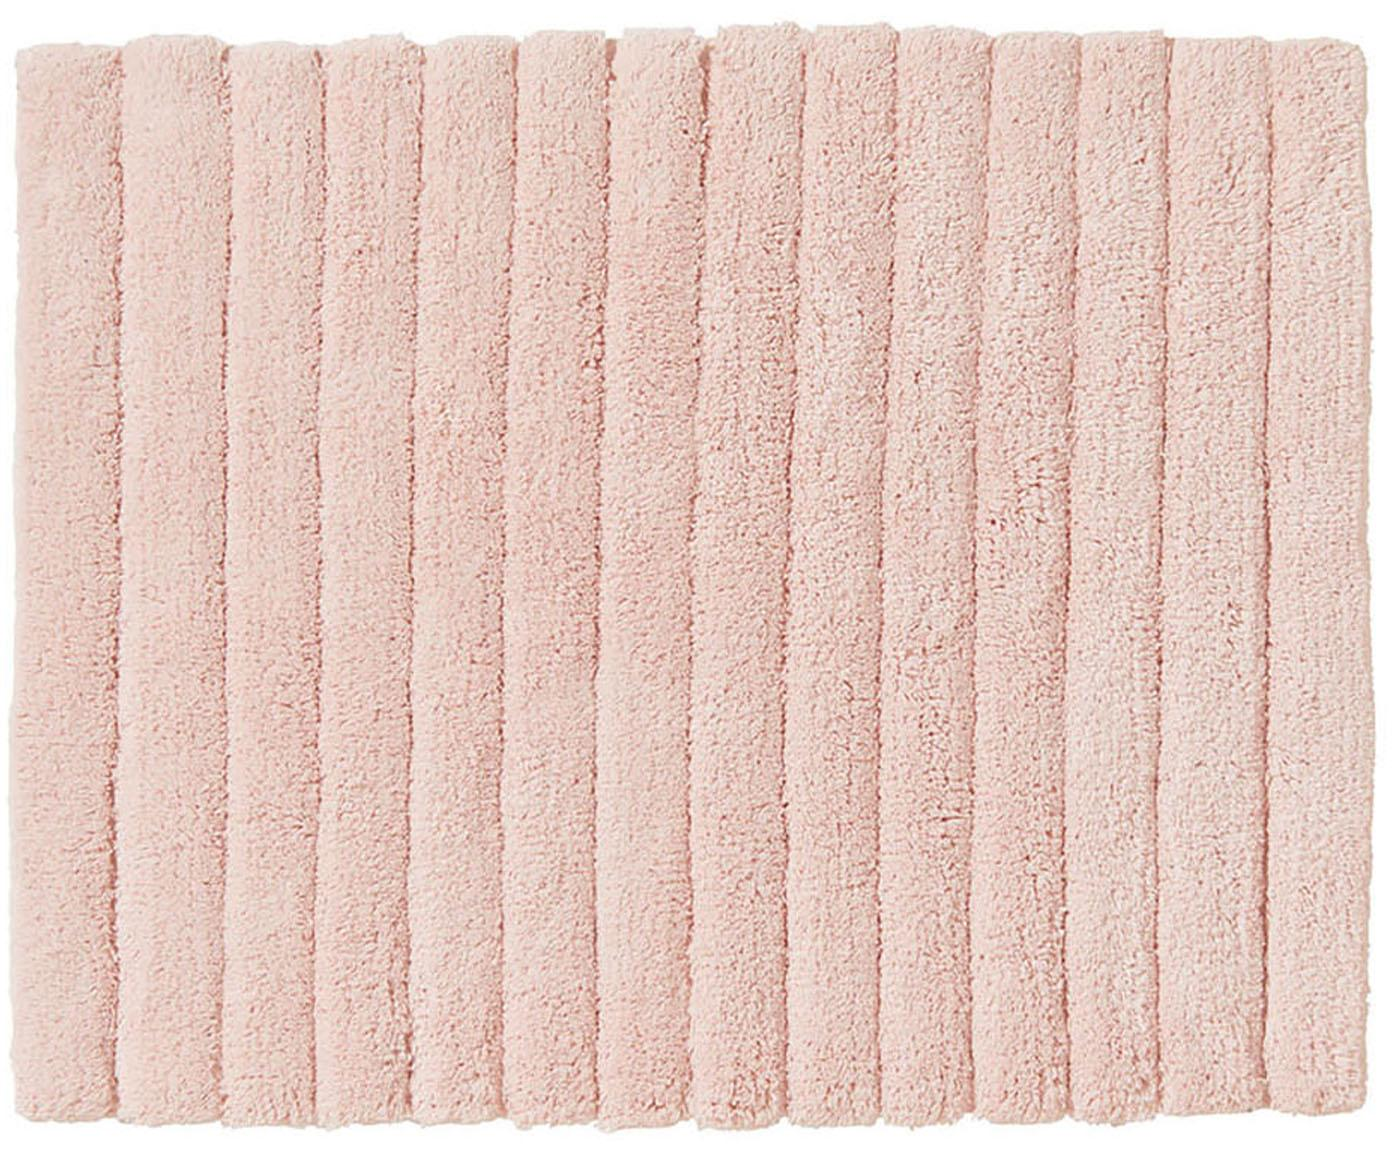 Alfombrilla de baño Board, Algodón Gramaje superior 1900g/m², Rosa, An 50 x L 60 cm